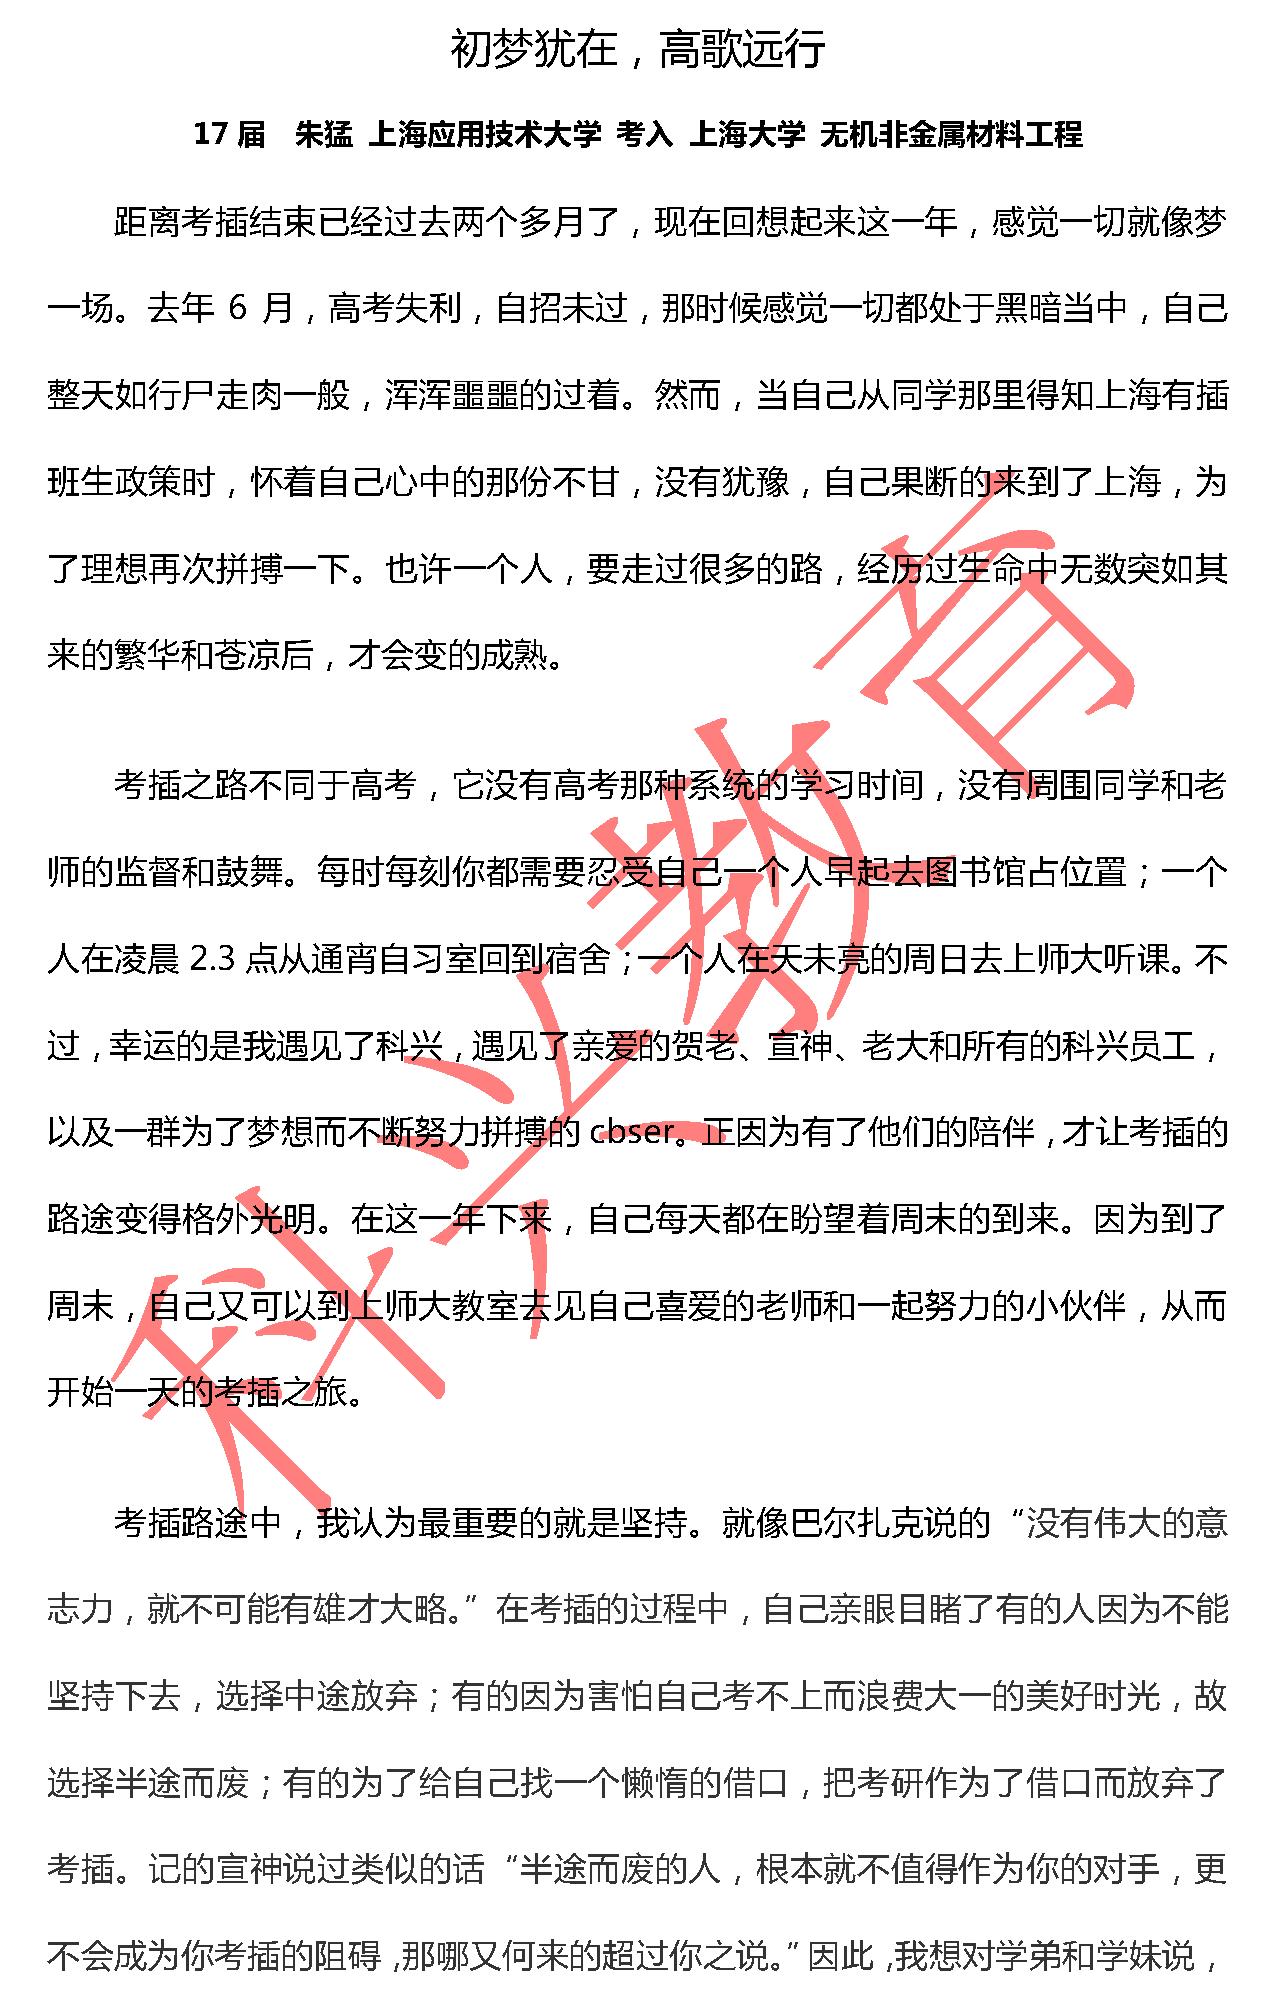 上大朱猛:初梦犹在,高歌远行(17届)